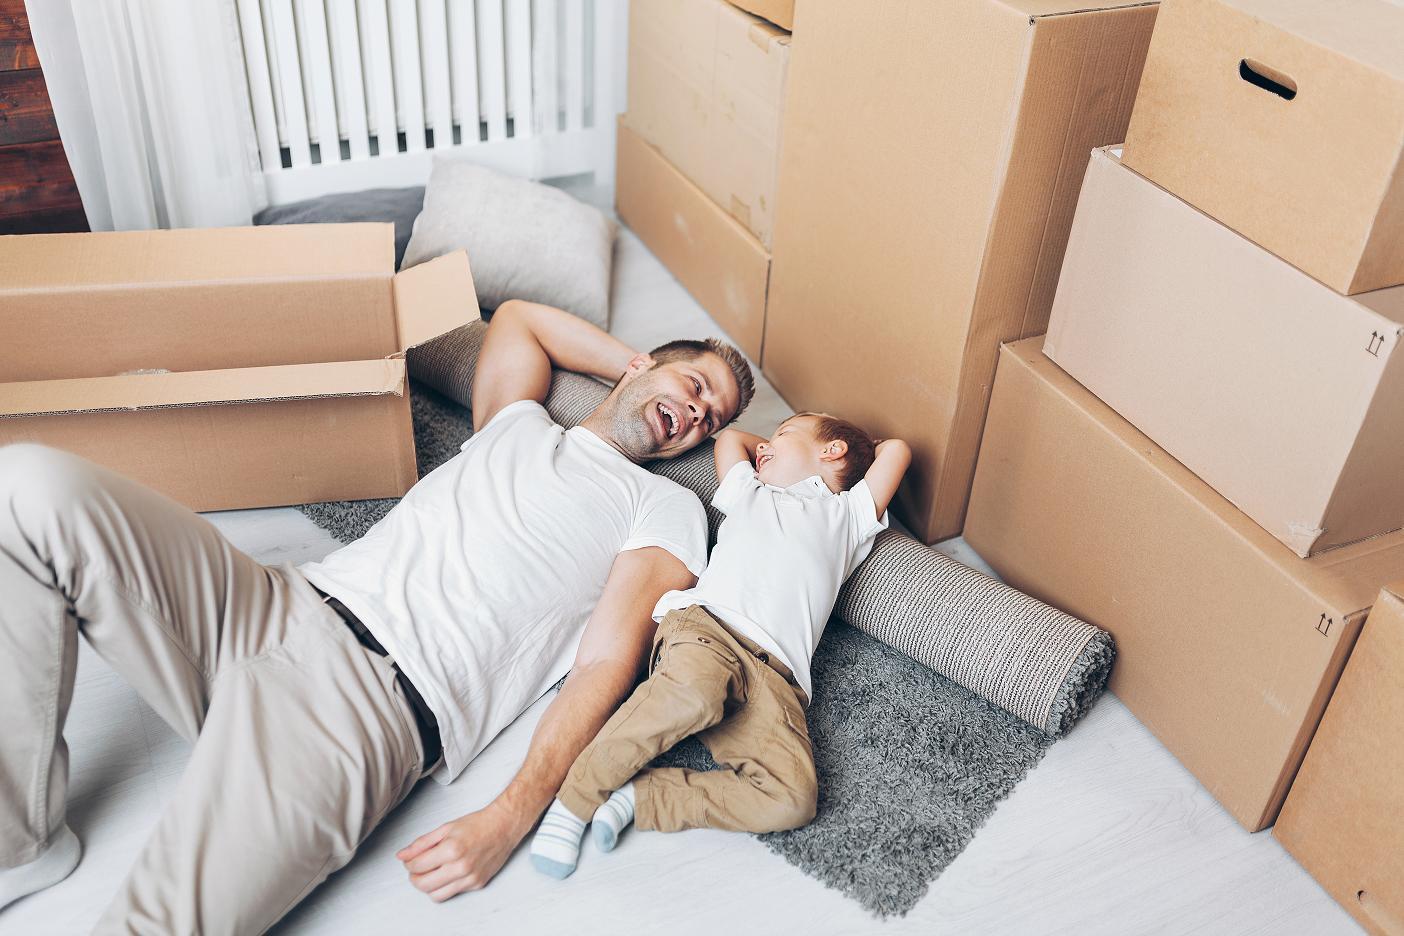 Co kupić do nowego mieszkania po przeprowadzce?